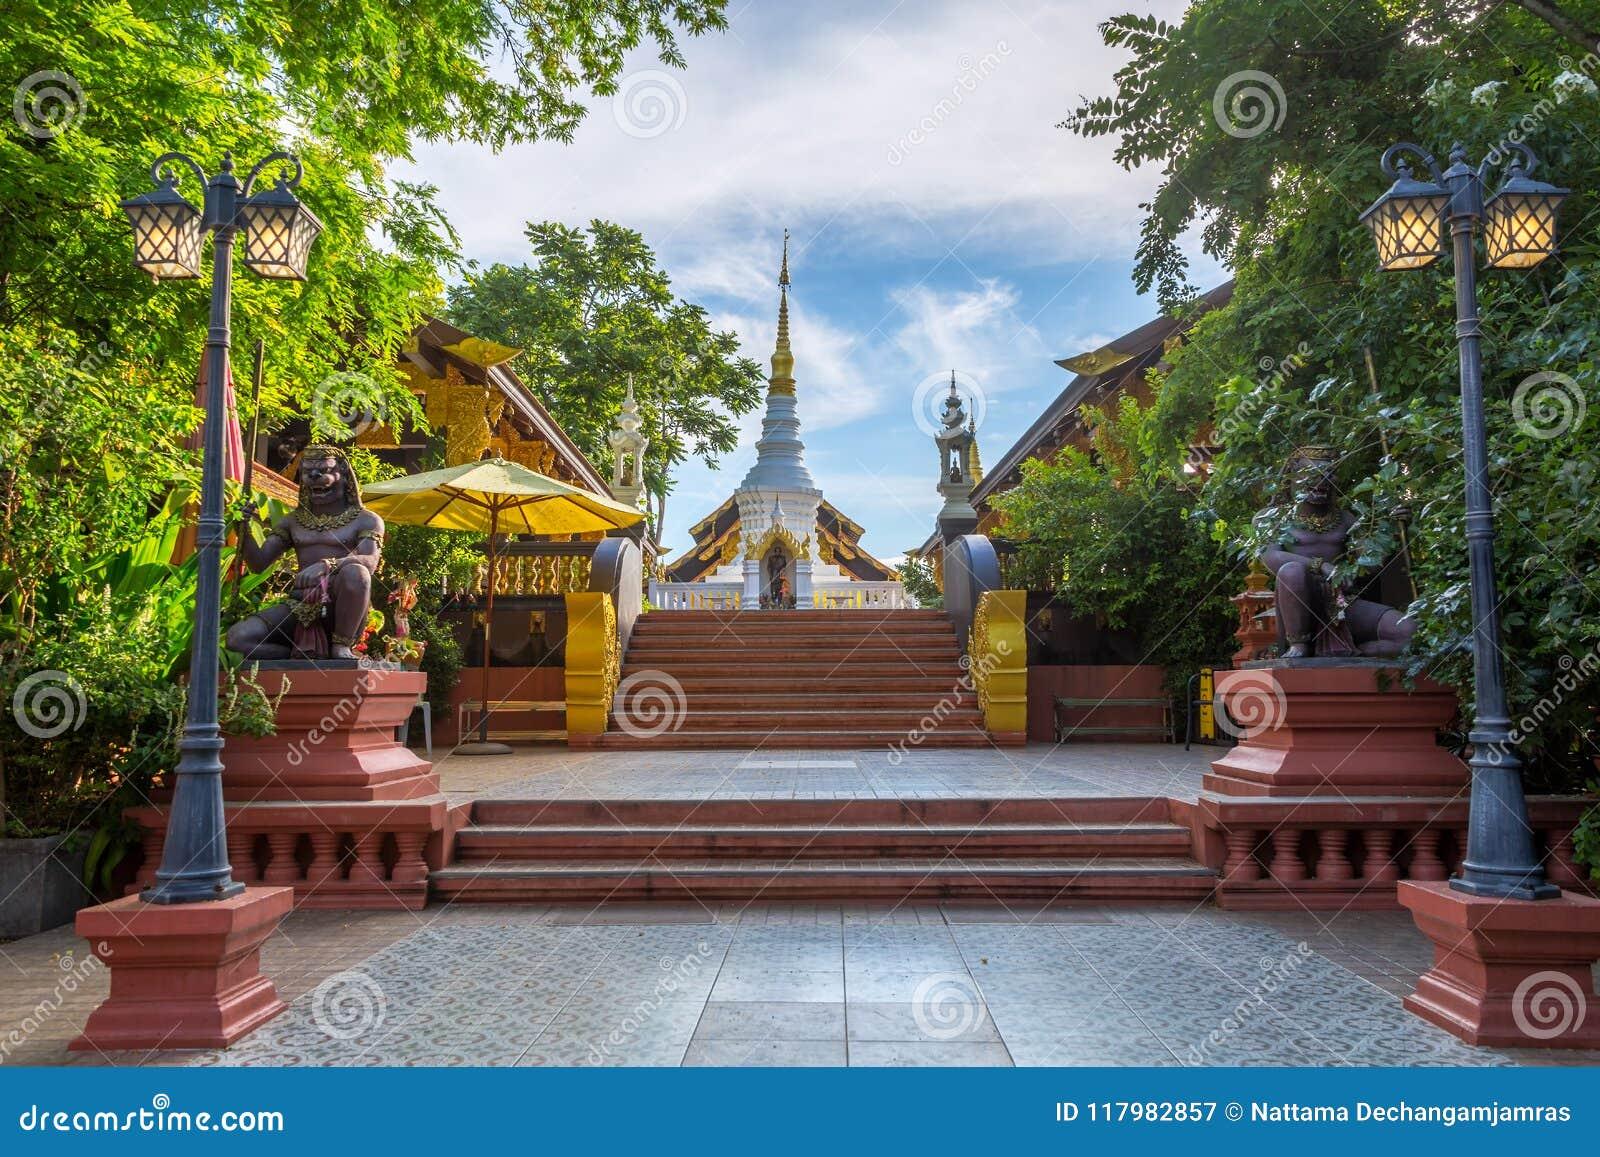 Tempel Wat Pra That Doi Pra Chan Mae Tha